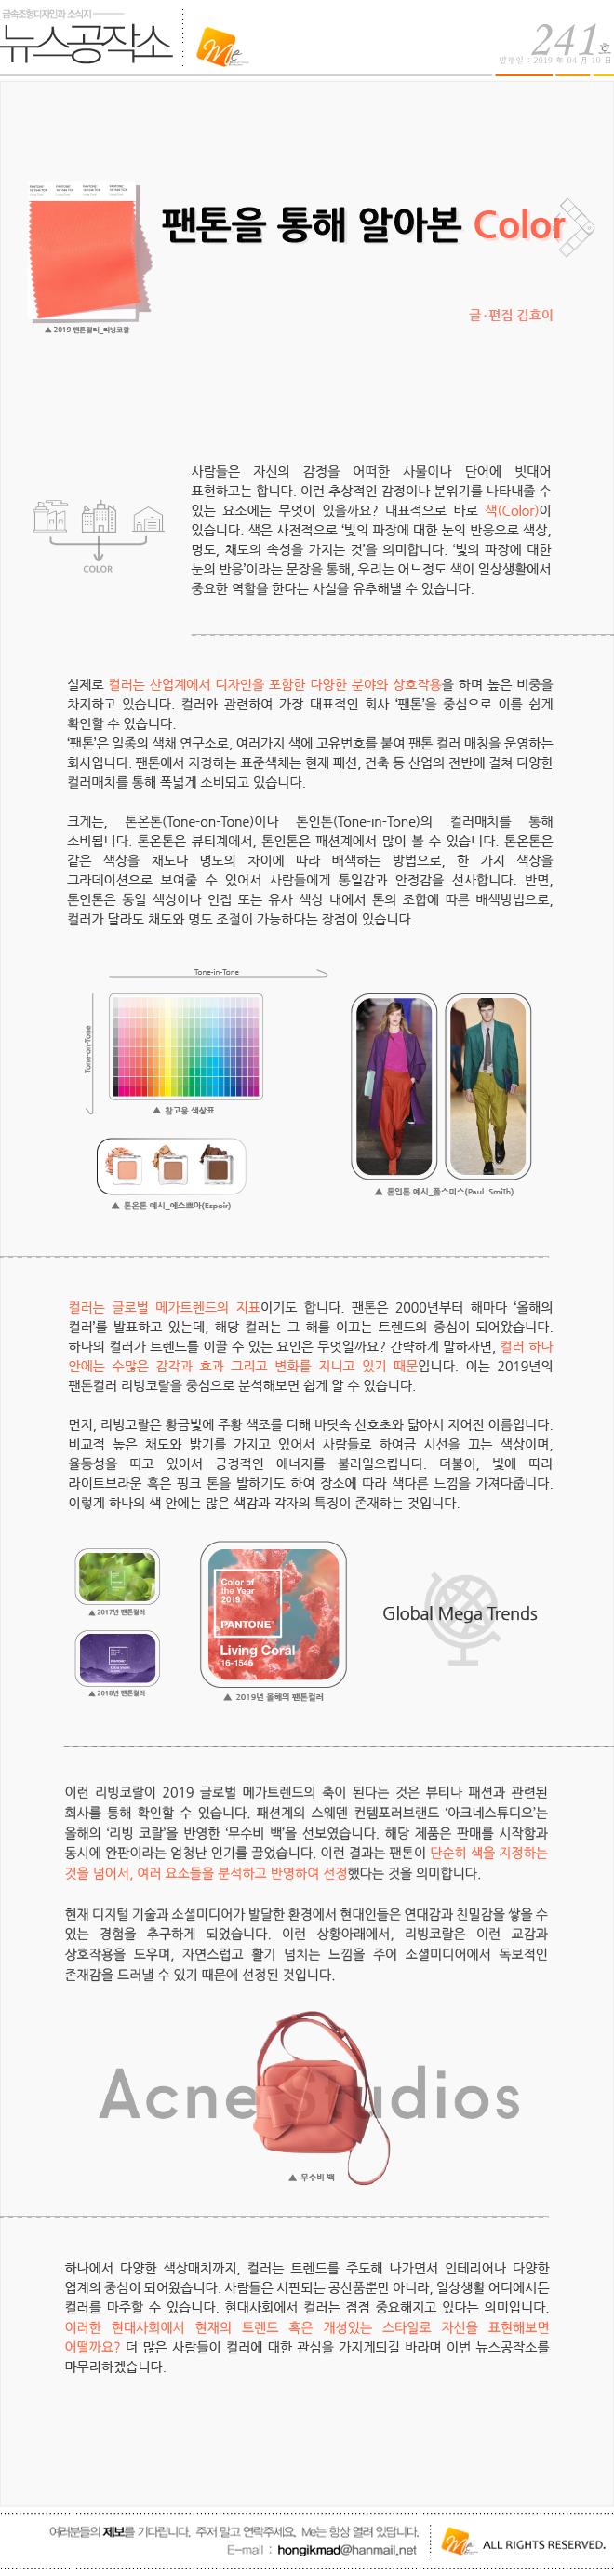 뉴스공작소 241호 최종본 -01.png